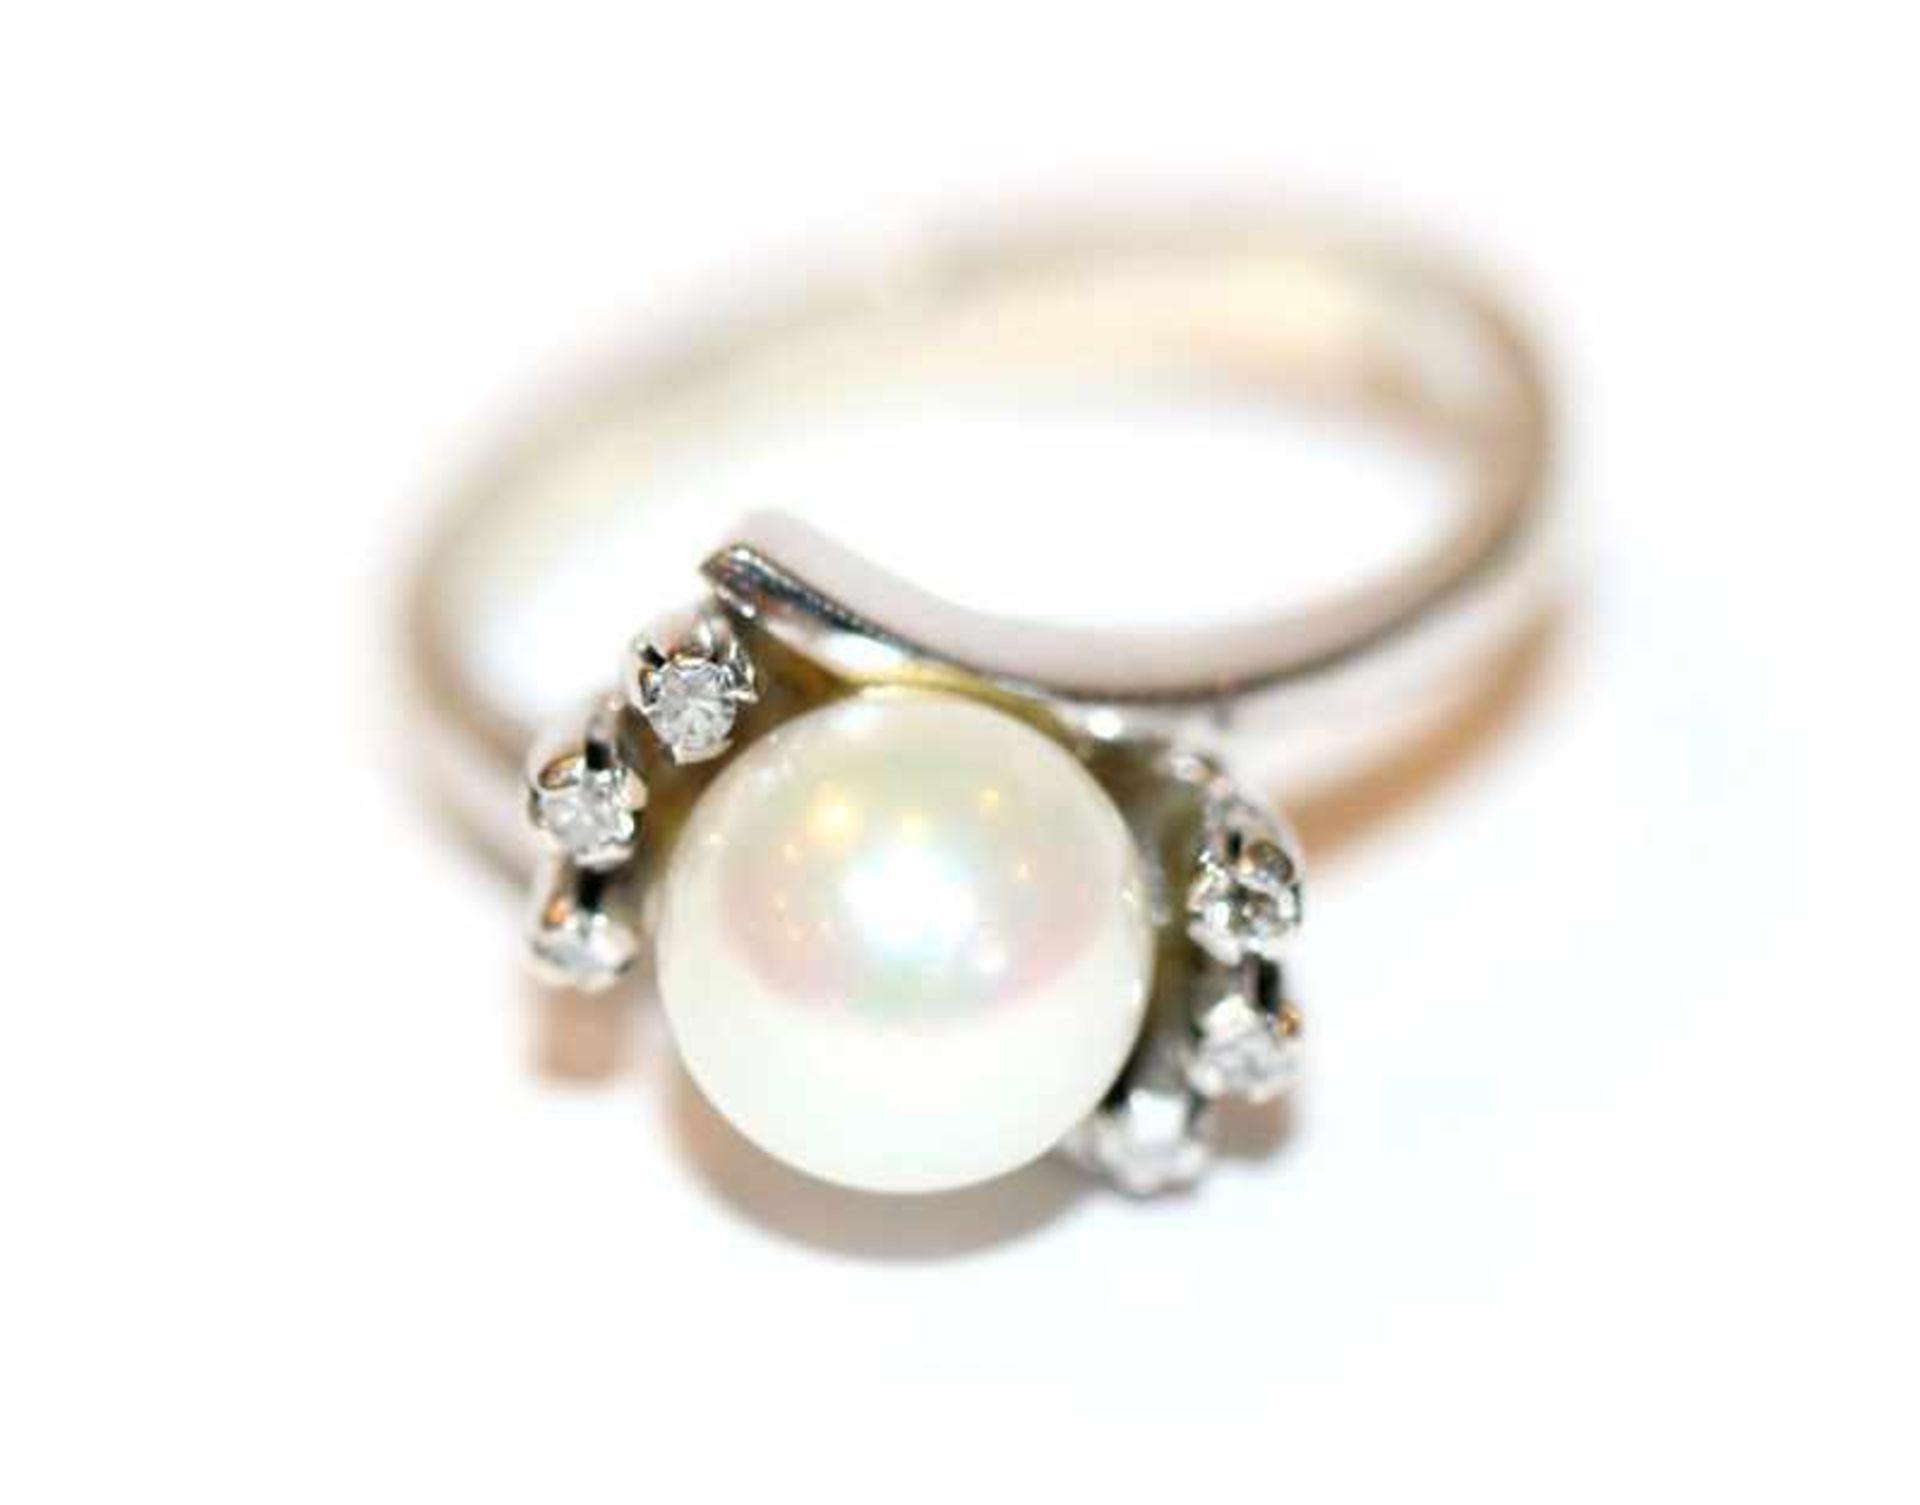 14 k Weißgold Ring mit Perle und 6 Zirkonen, 4,3 gr., Gr. 53